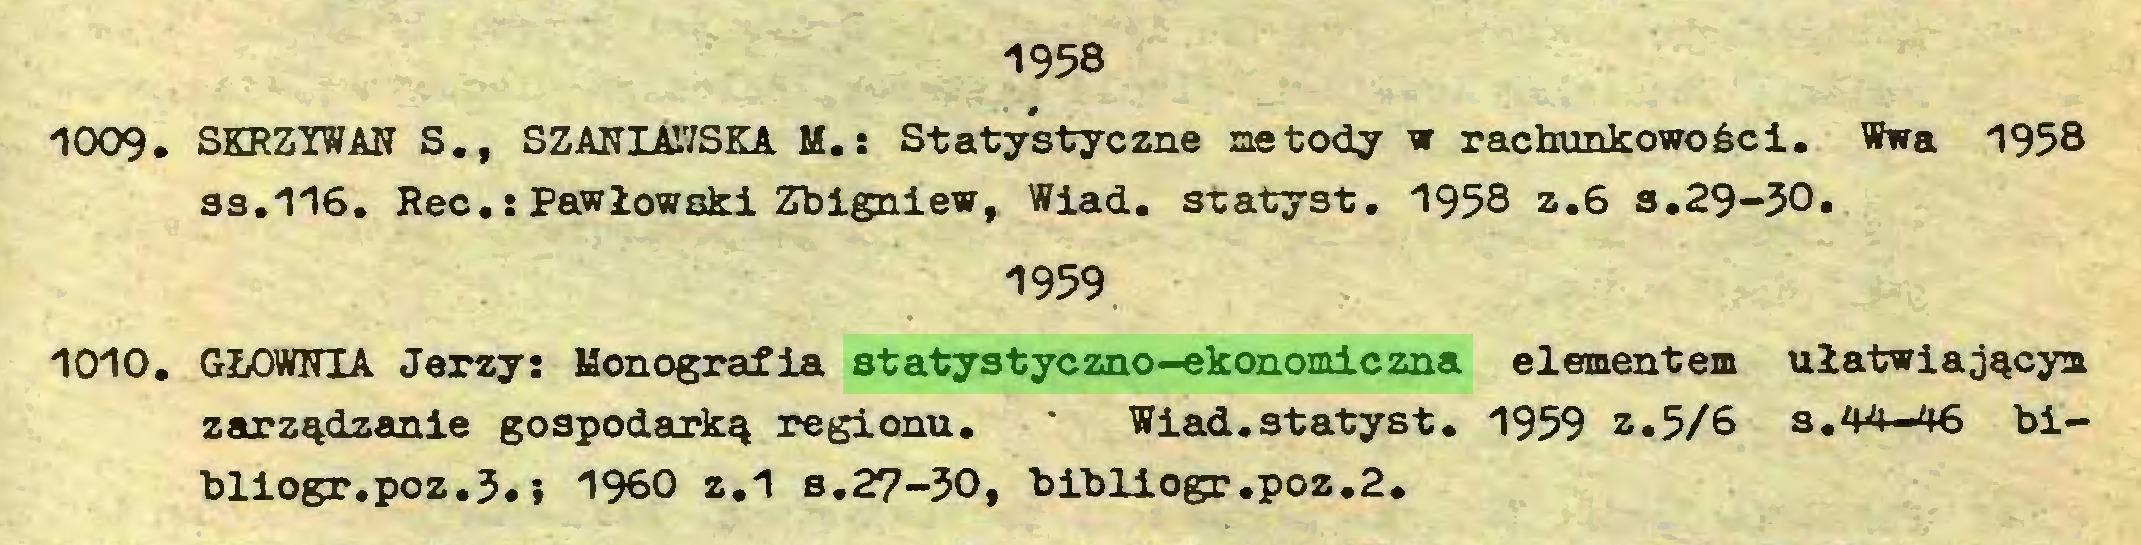 (...) 1958 1009. SKRZYWAN S.f SZANIAWSKA M.: Statystyczne metody w rachunkowości. Wwa 1958 ss.116. Rec.: Pawłowski Zbigniew, Wiad. statyst. 1958 z.6 s.29-30* 1959 1010. GŁOWNIA Jerzy: Monografia statystyczno-ekonomiczna elementem ułatwiającym zarządzanie gospodarką regionu. Wiad.statyst. 1959 z.5/6 s.44-46 bibliogr.poz.3.i 1960 z.1 s.27-30, bibliogr.poz.2...